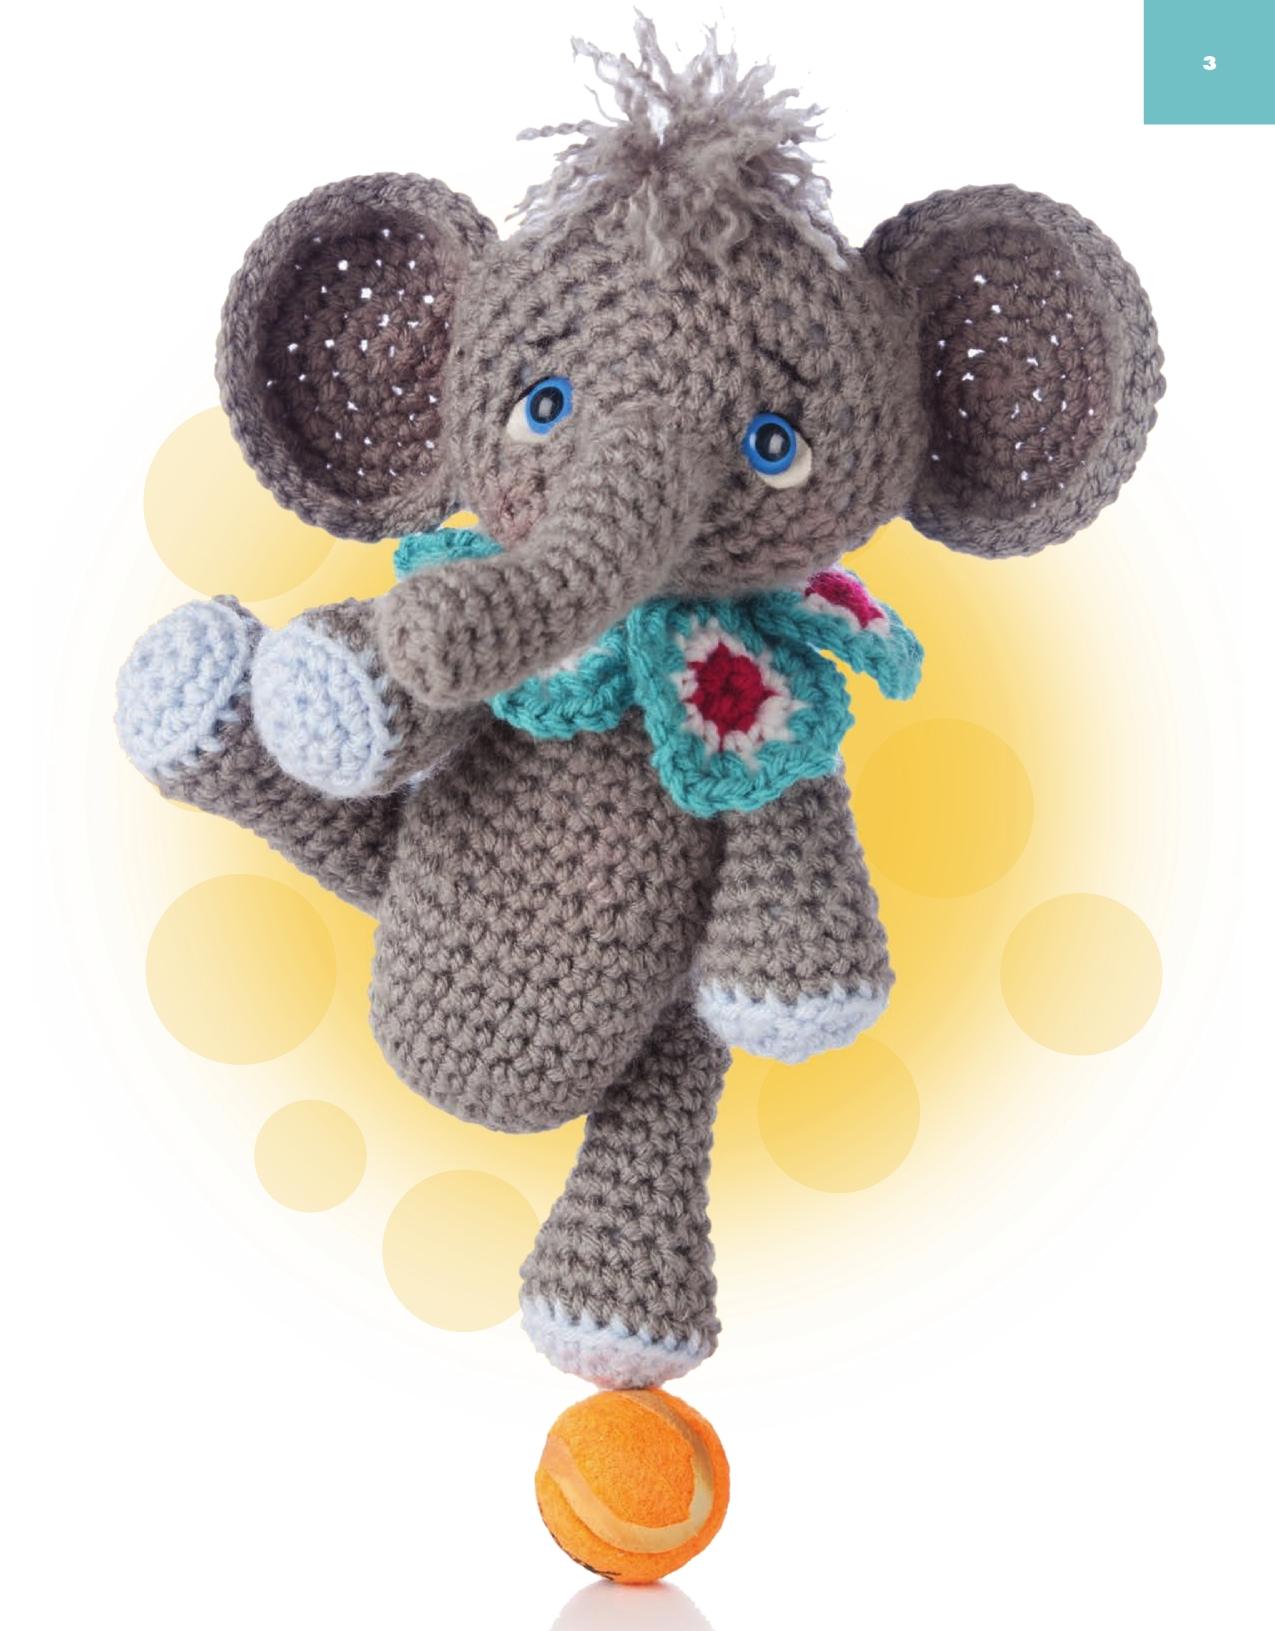 Uncinetto Amigurumi Elefante : Elefante acrobata amigurumi (2) - magiedifilo.it punto ...